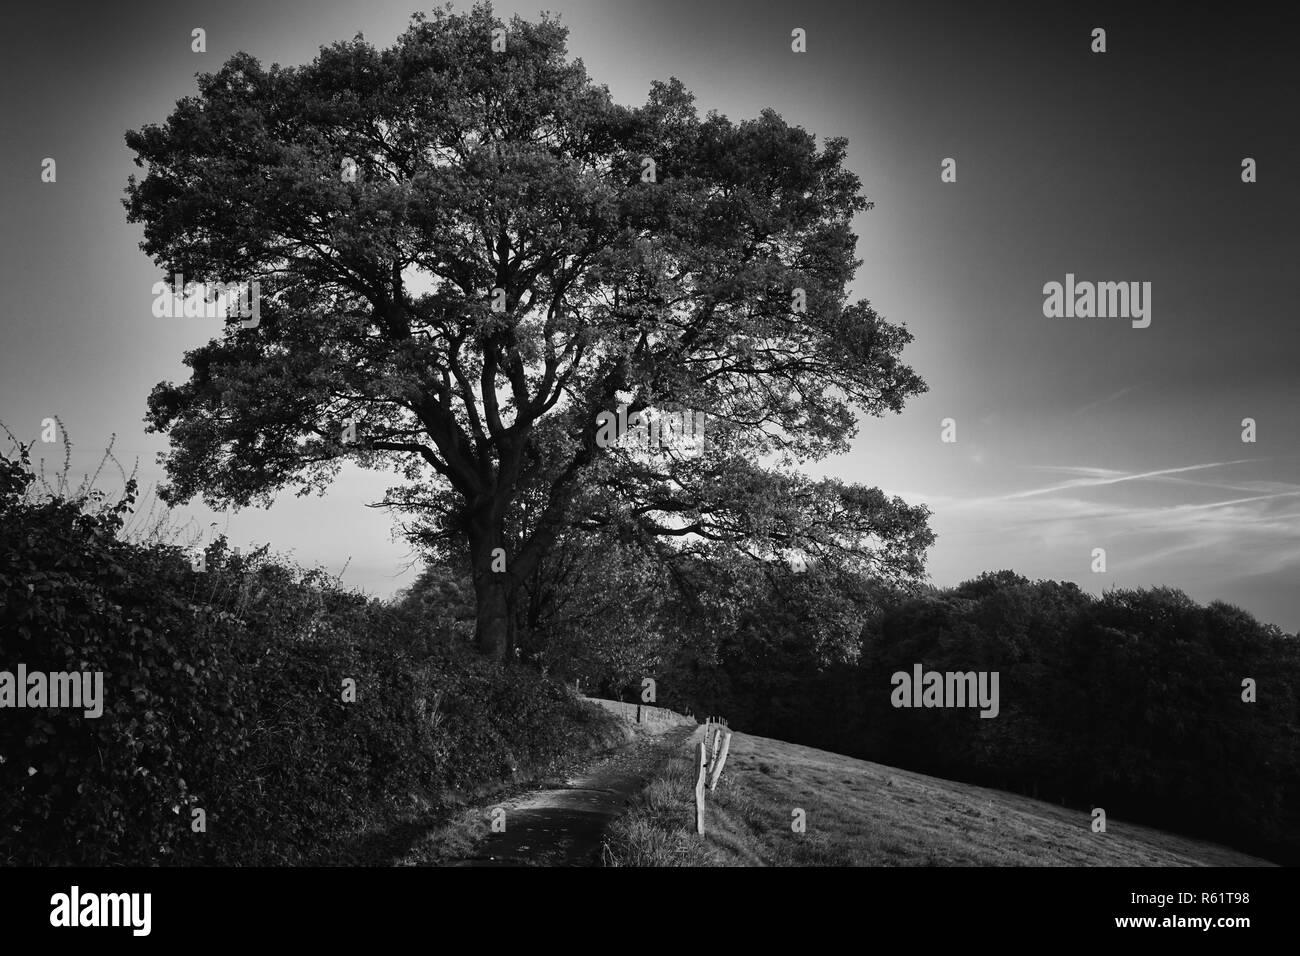 Zwielicht - Stock Image